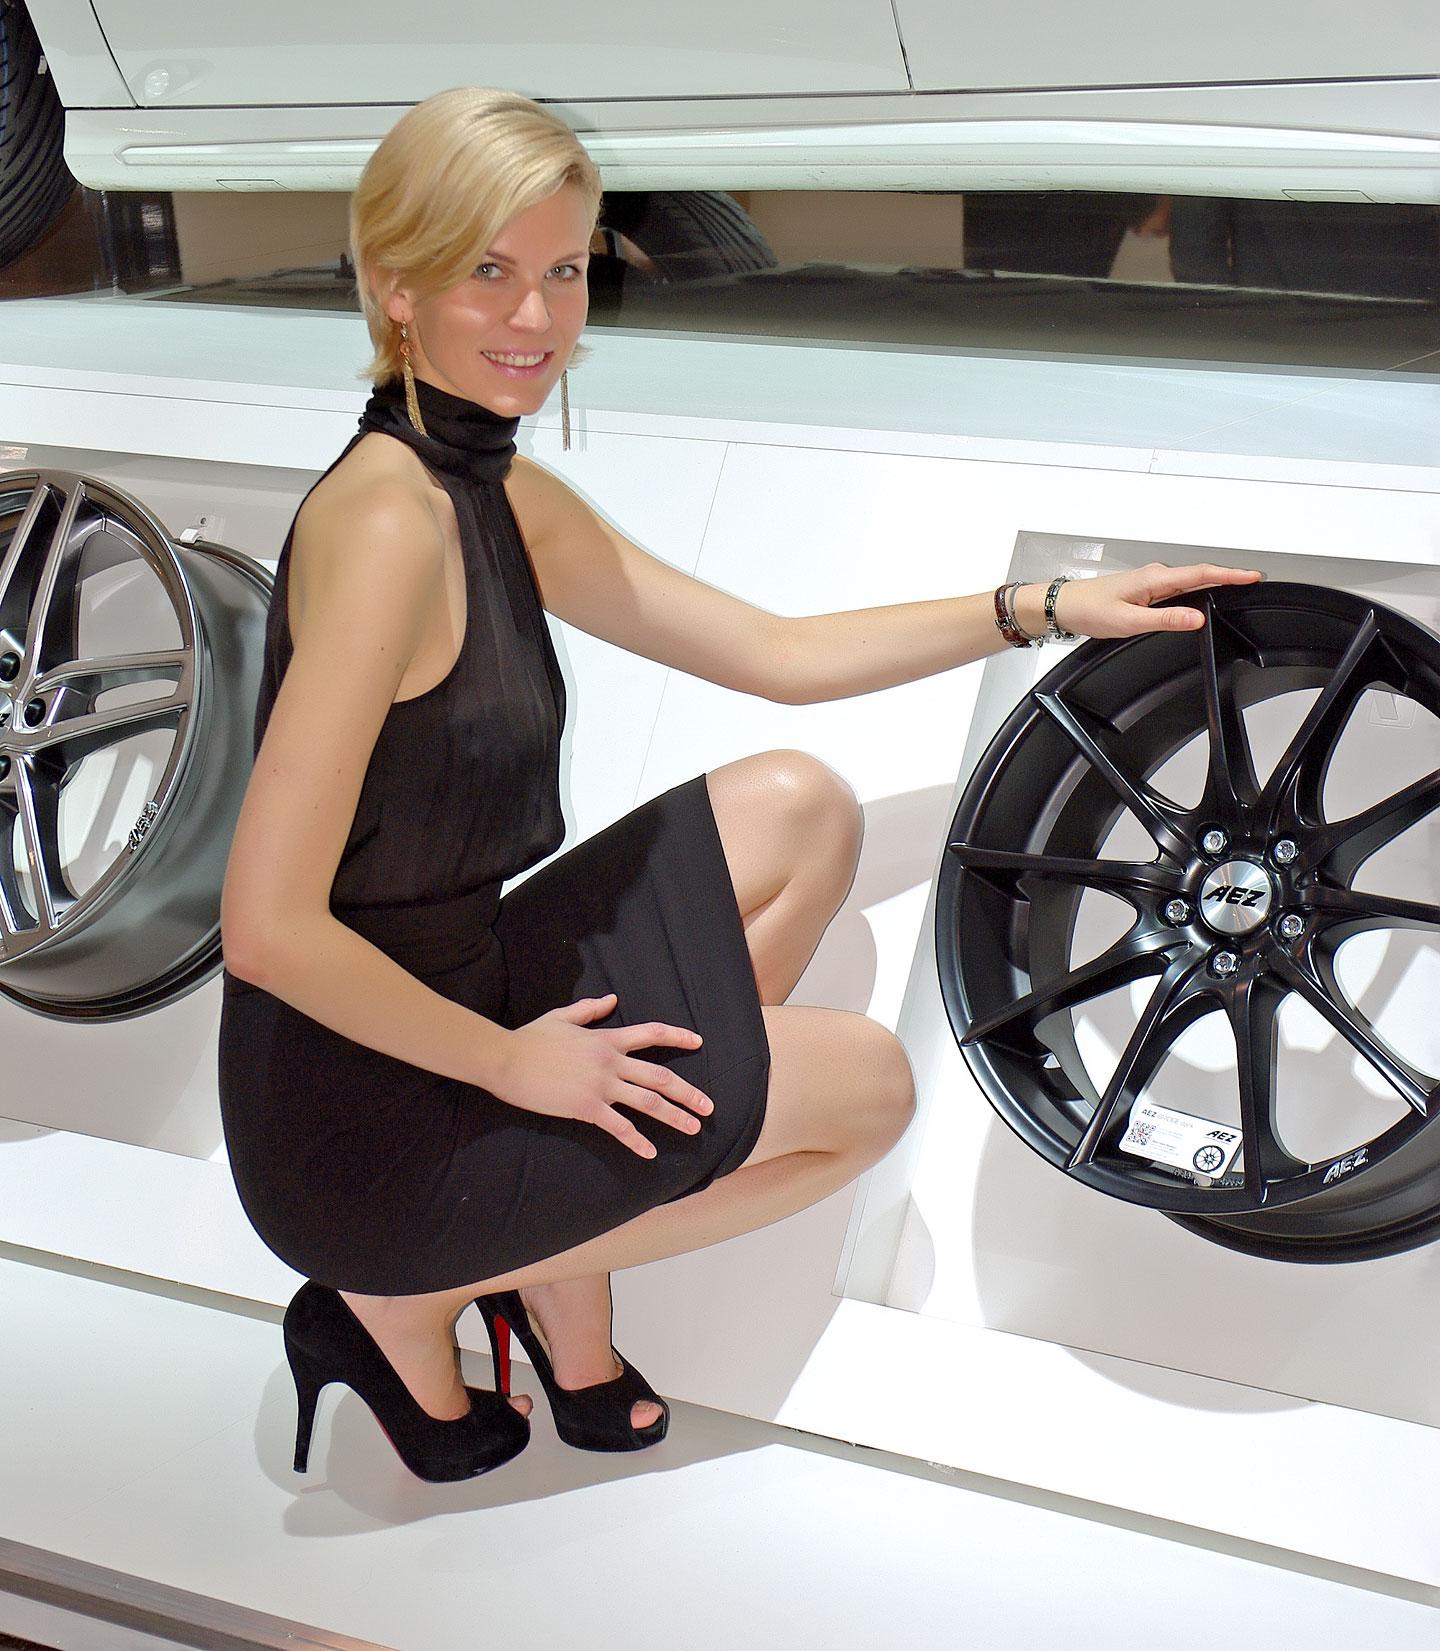 Zakáže Šanghaj autosalonové sexy modelky?: - fotka 13